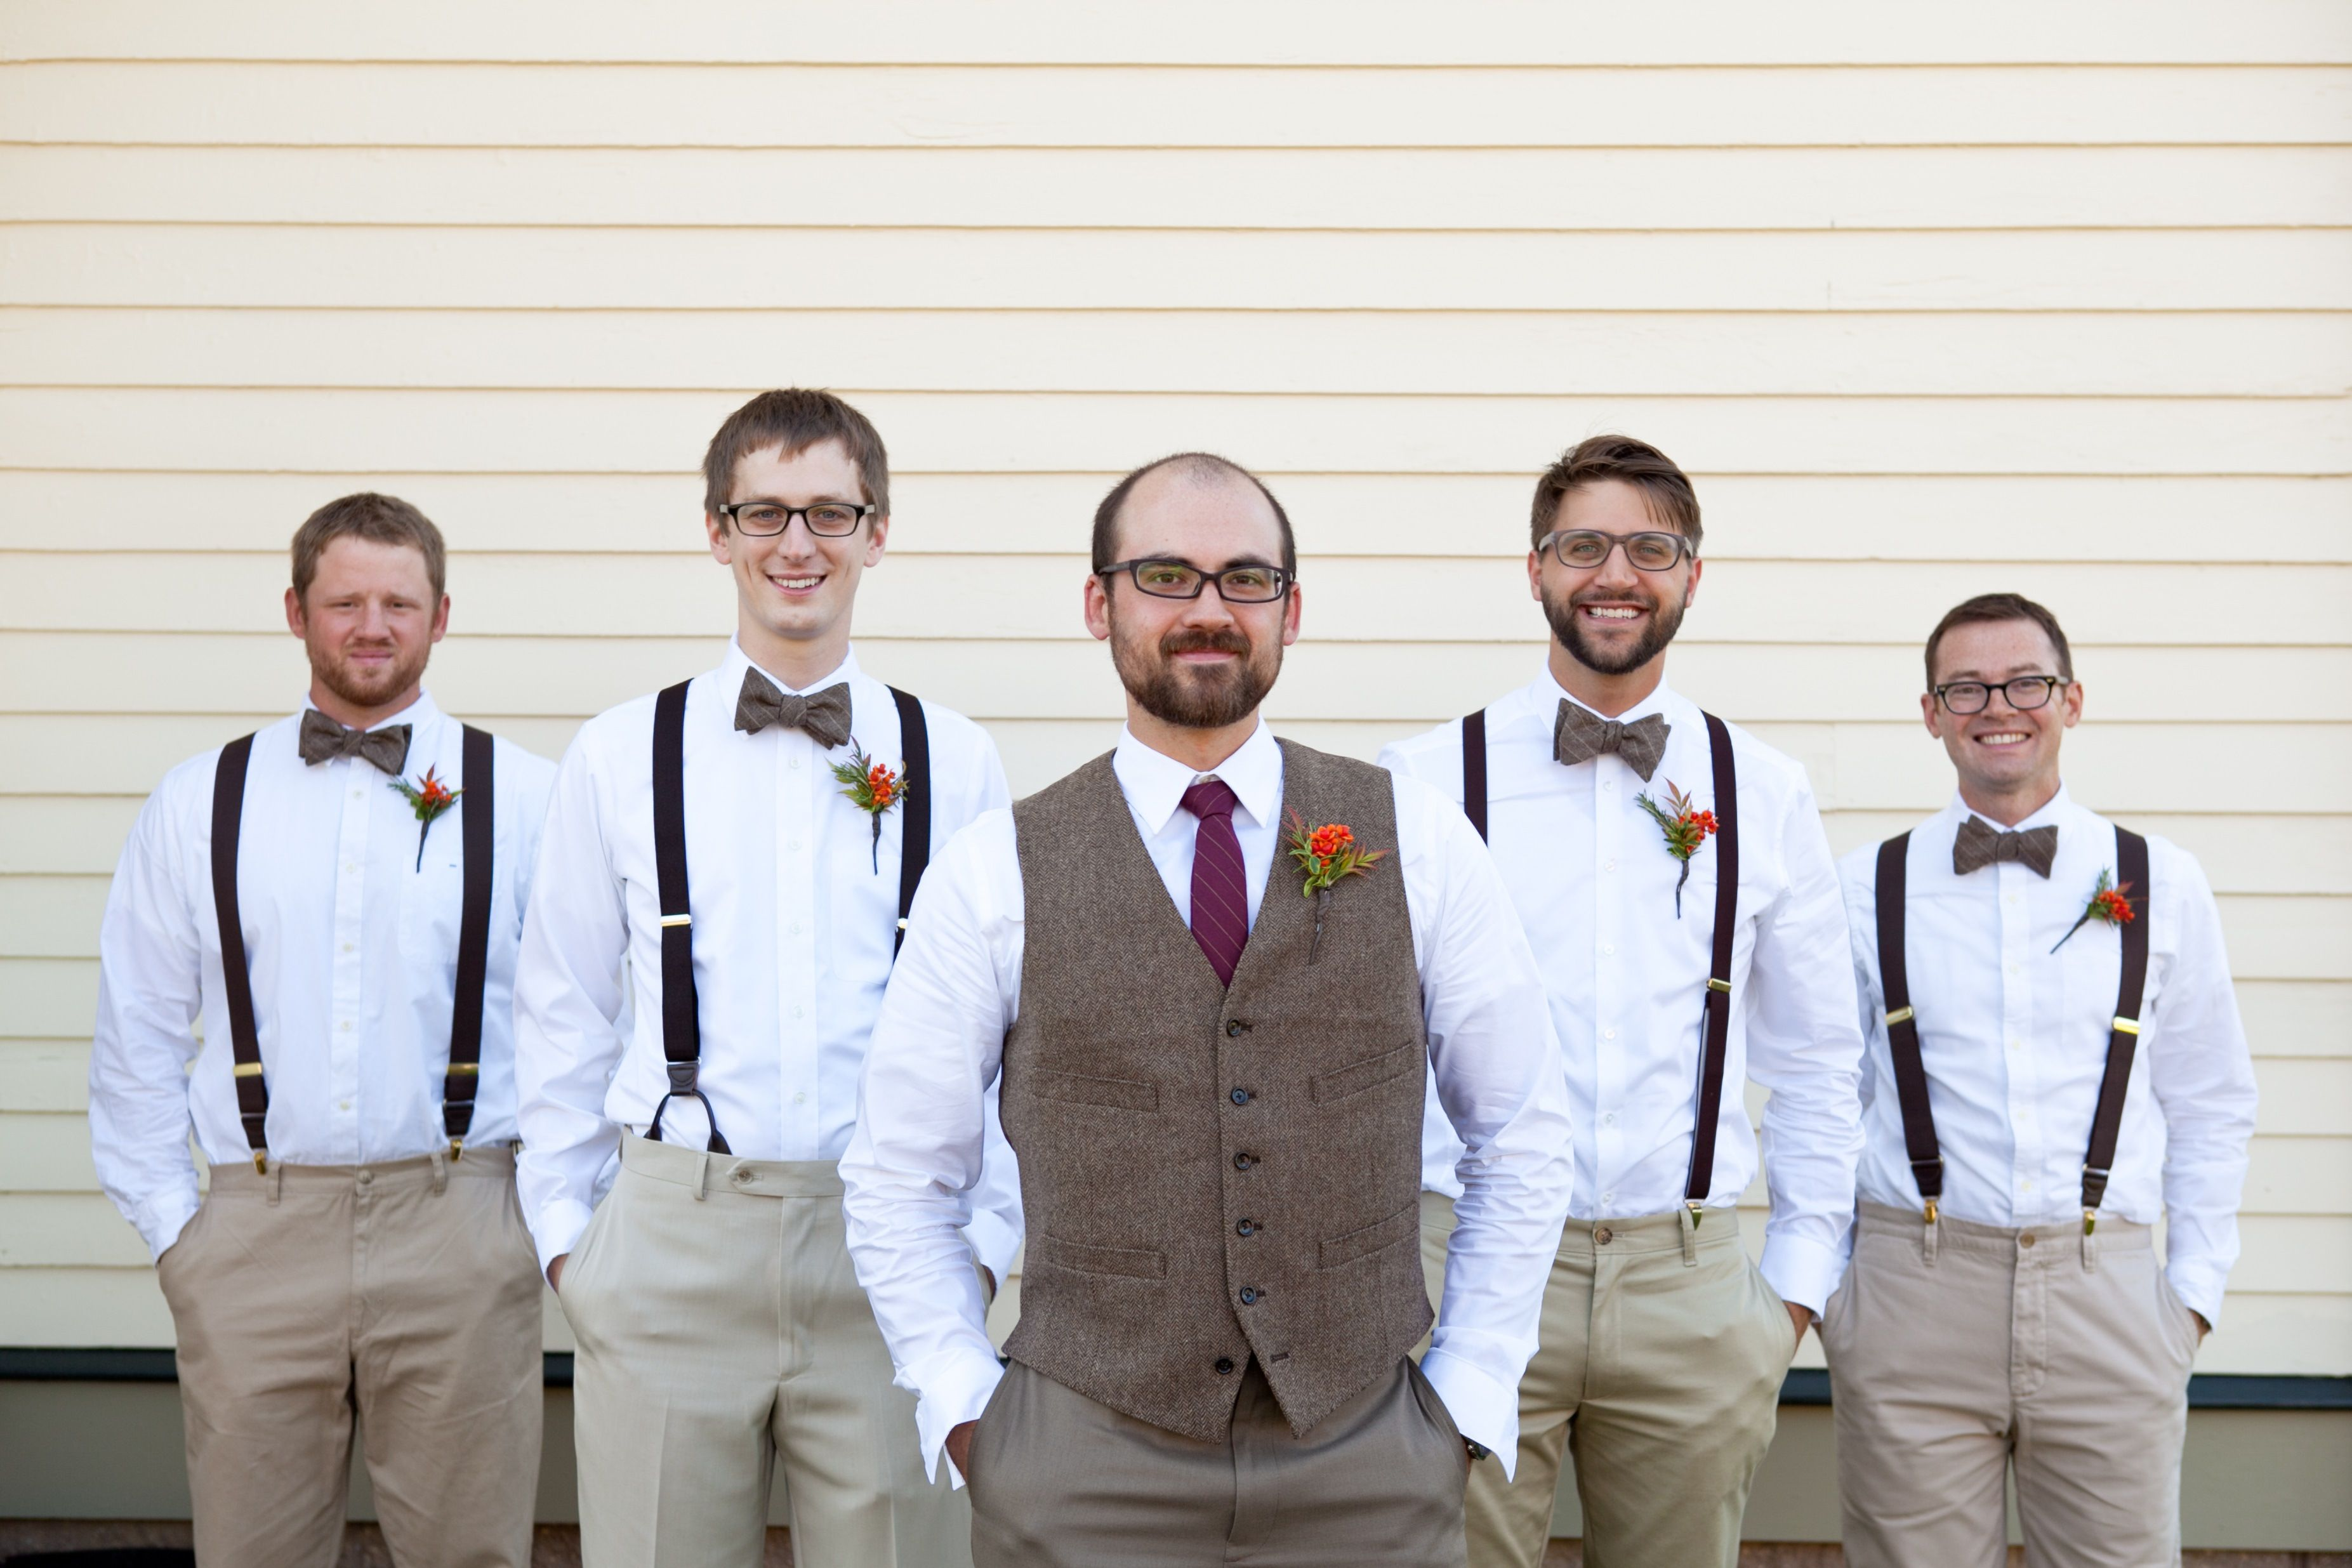 Vintage wedding groom vest - Illinois Barn Wedding Fall Wedding Groomsmenrustic Groomsmen Attirevintage